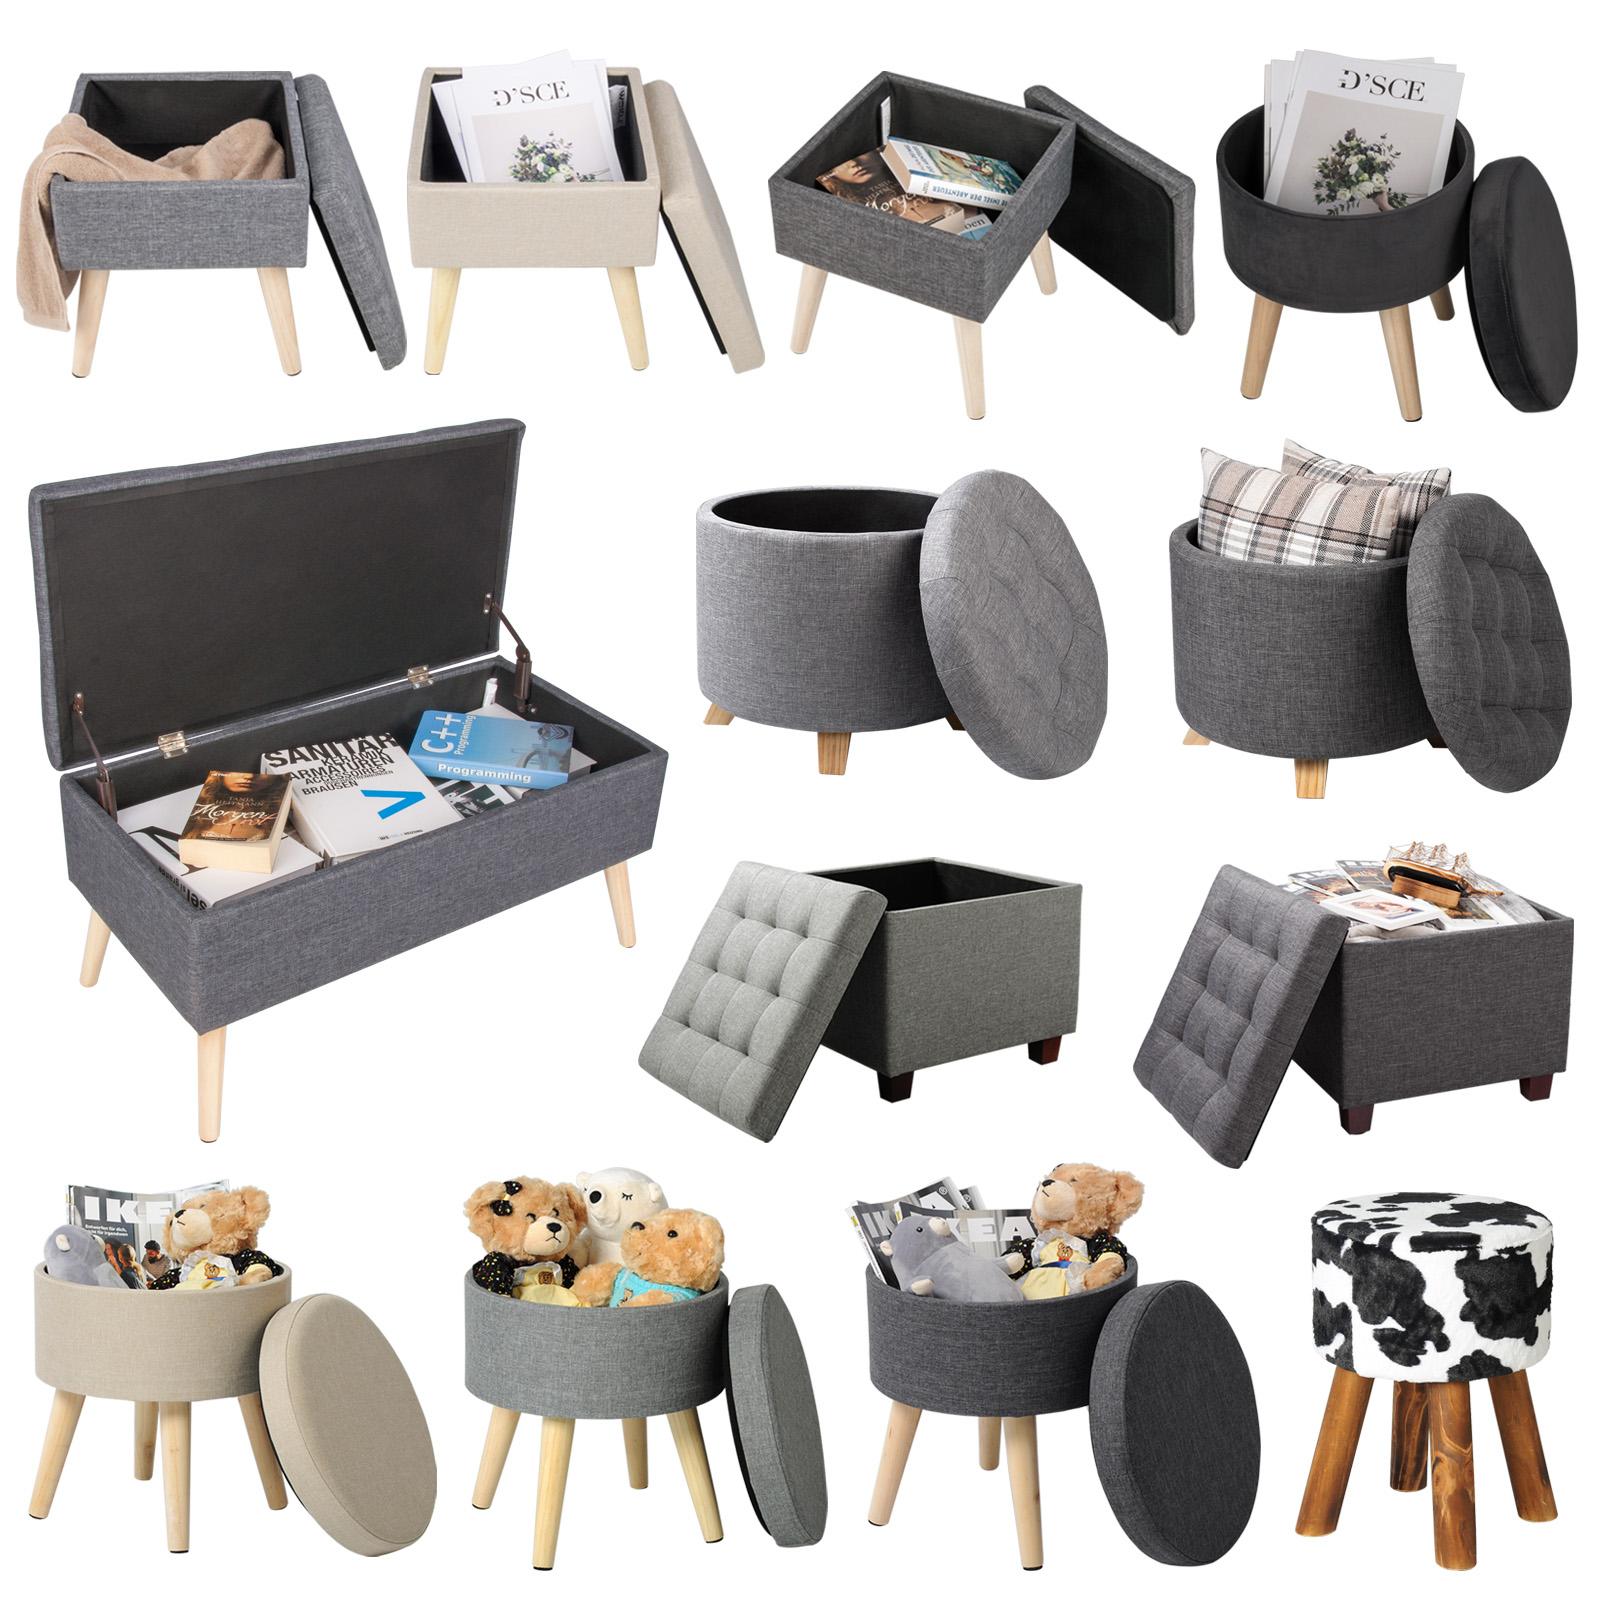 sitzhocker sitzw rfel mit stauraum mit fu aufbewahrungsbox leinen 1001 24 ebay. Black Bedroom Furniture Sets. Home Design Ideas